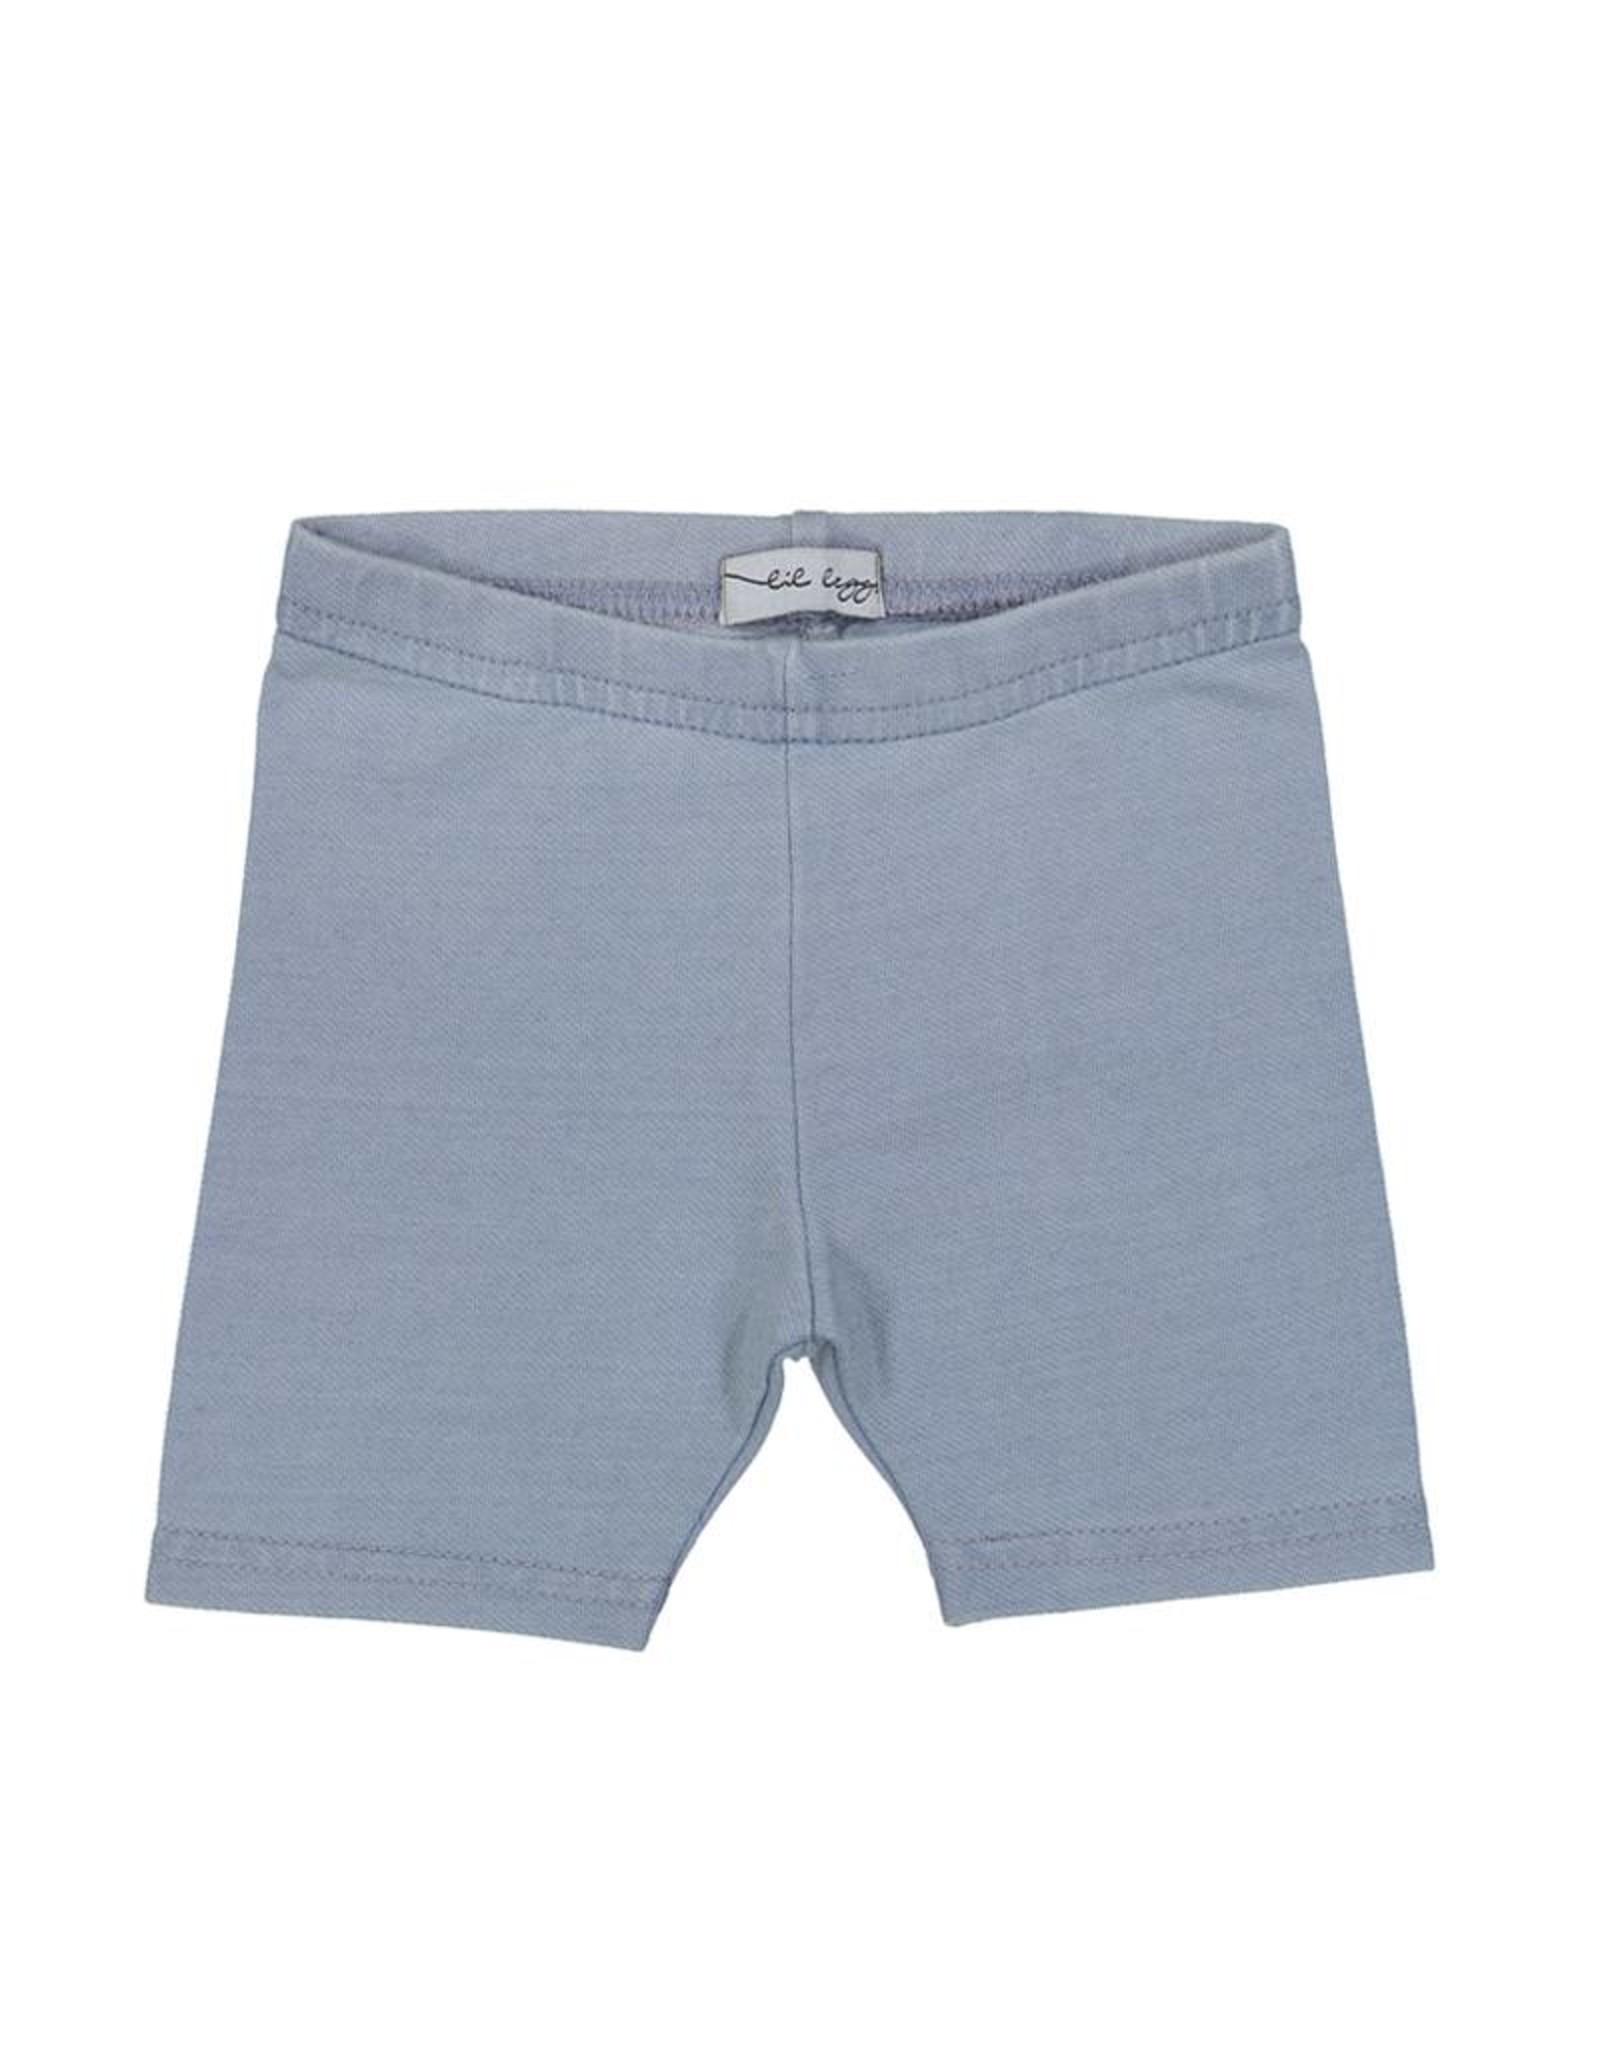 LIL LEGS Spring/Summer Jean Shorts